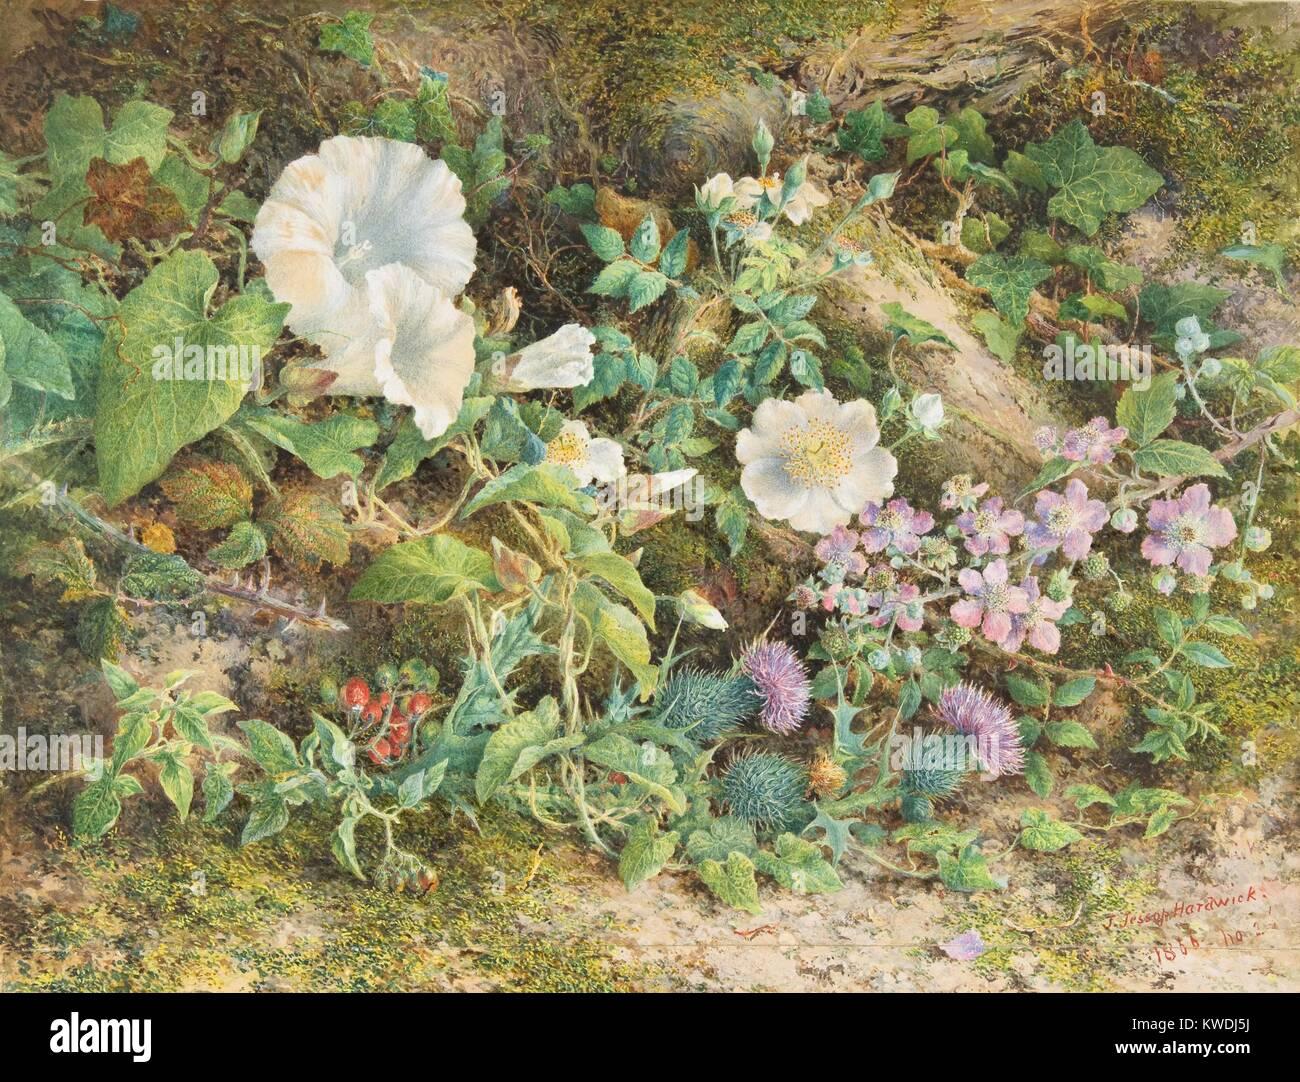 Blume Studie, von John jessop Hardwick, 1866, British Aquarell Malerei. Petunien, wilde Rosen, Disteln und roten Stockbild